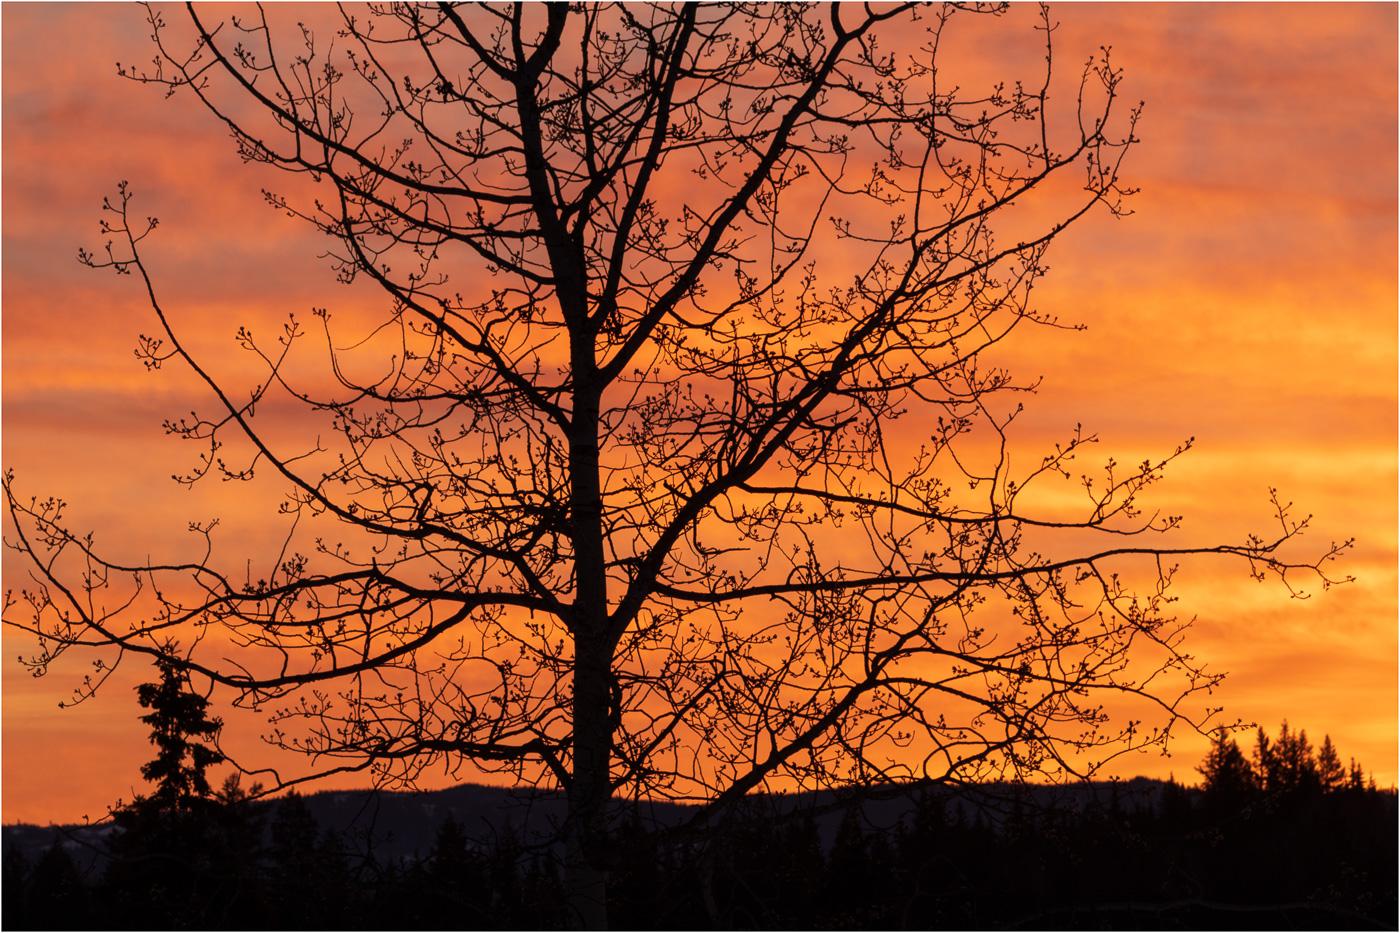 Aspen Silhouette at Sunrise - © Sharon Jensen